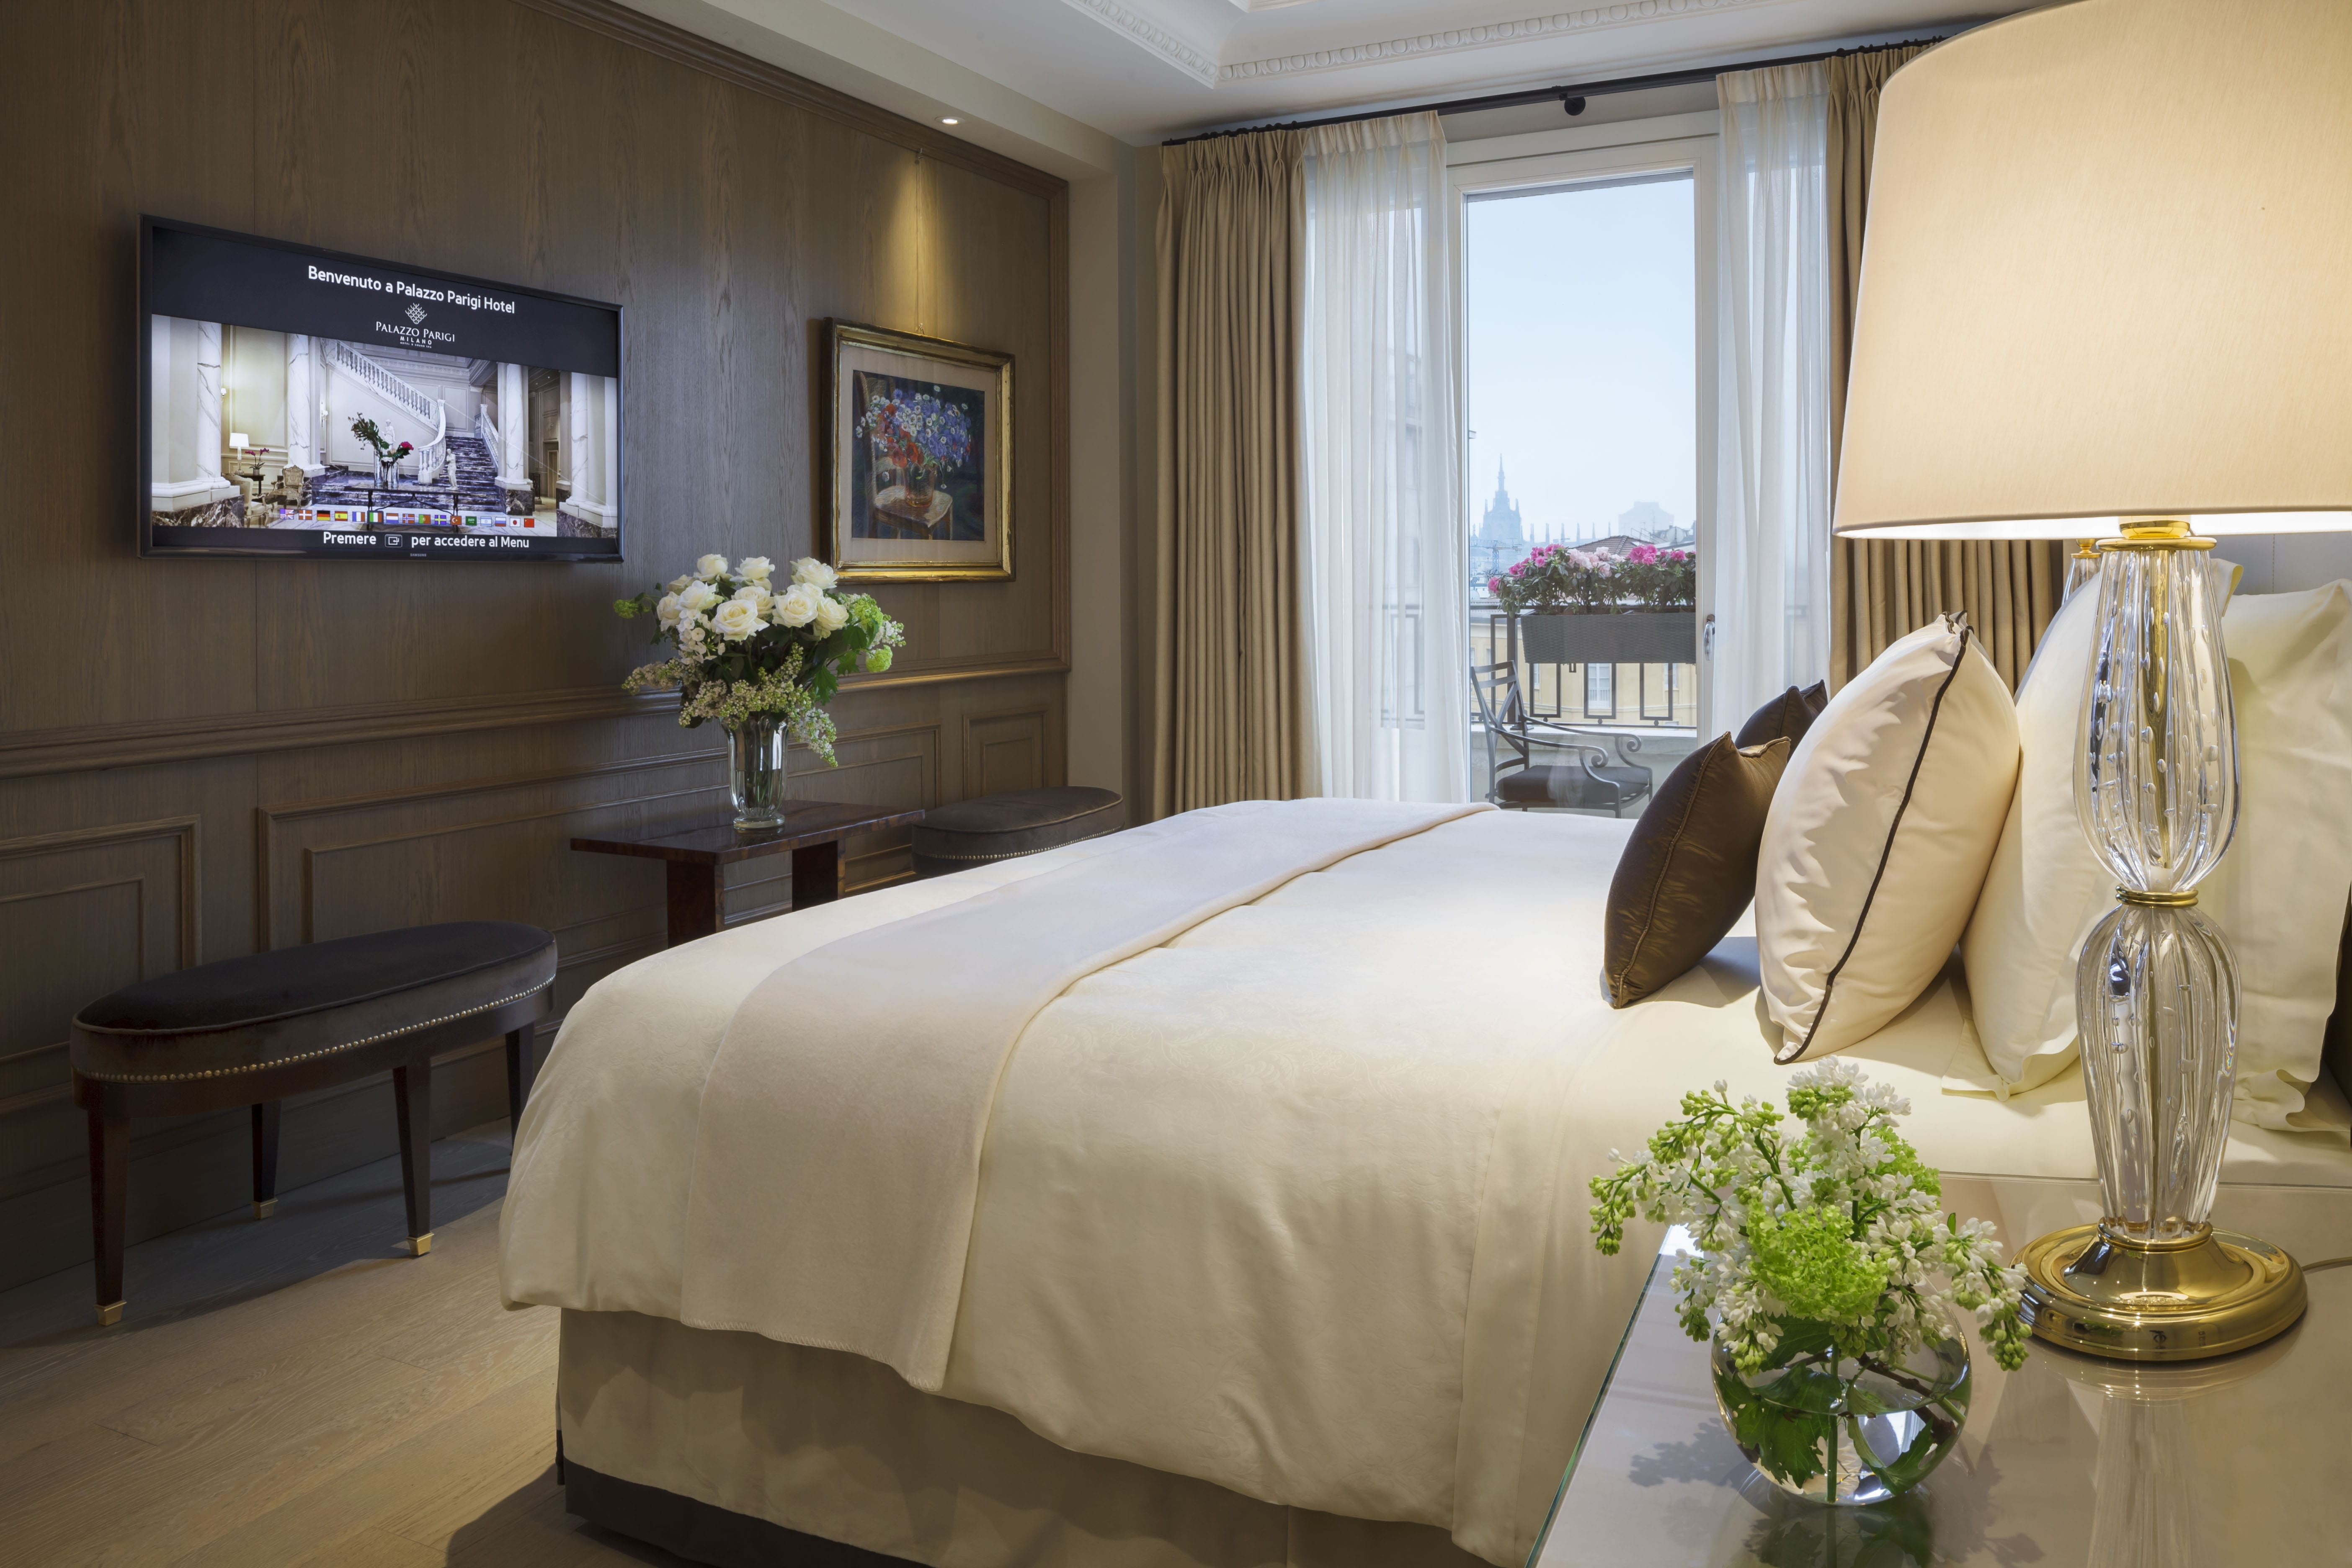 Palazzo parigi valentine s day 14 febbraio 2015 jchic for Arredamento hotel lusso